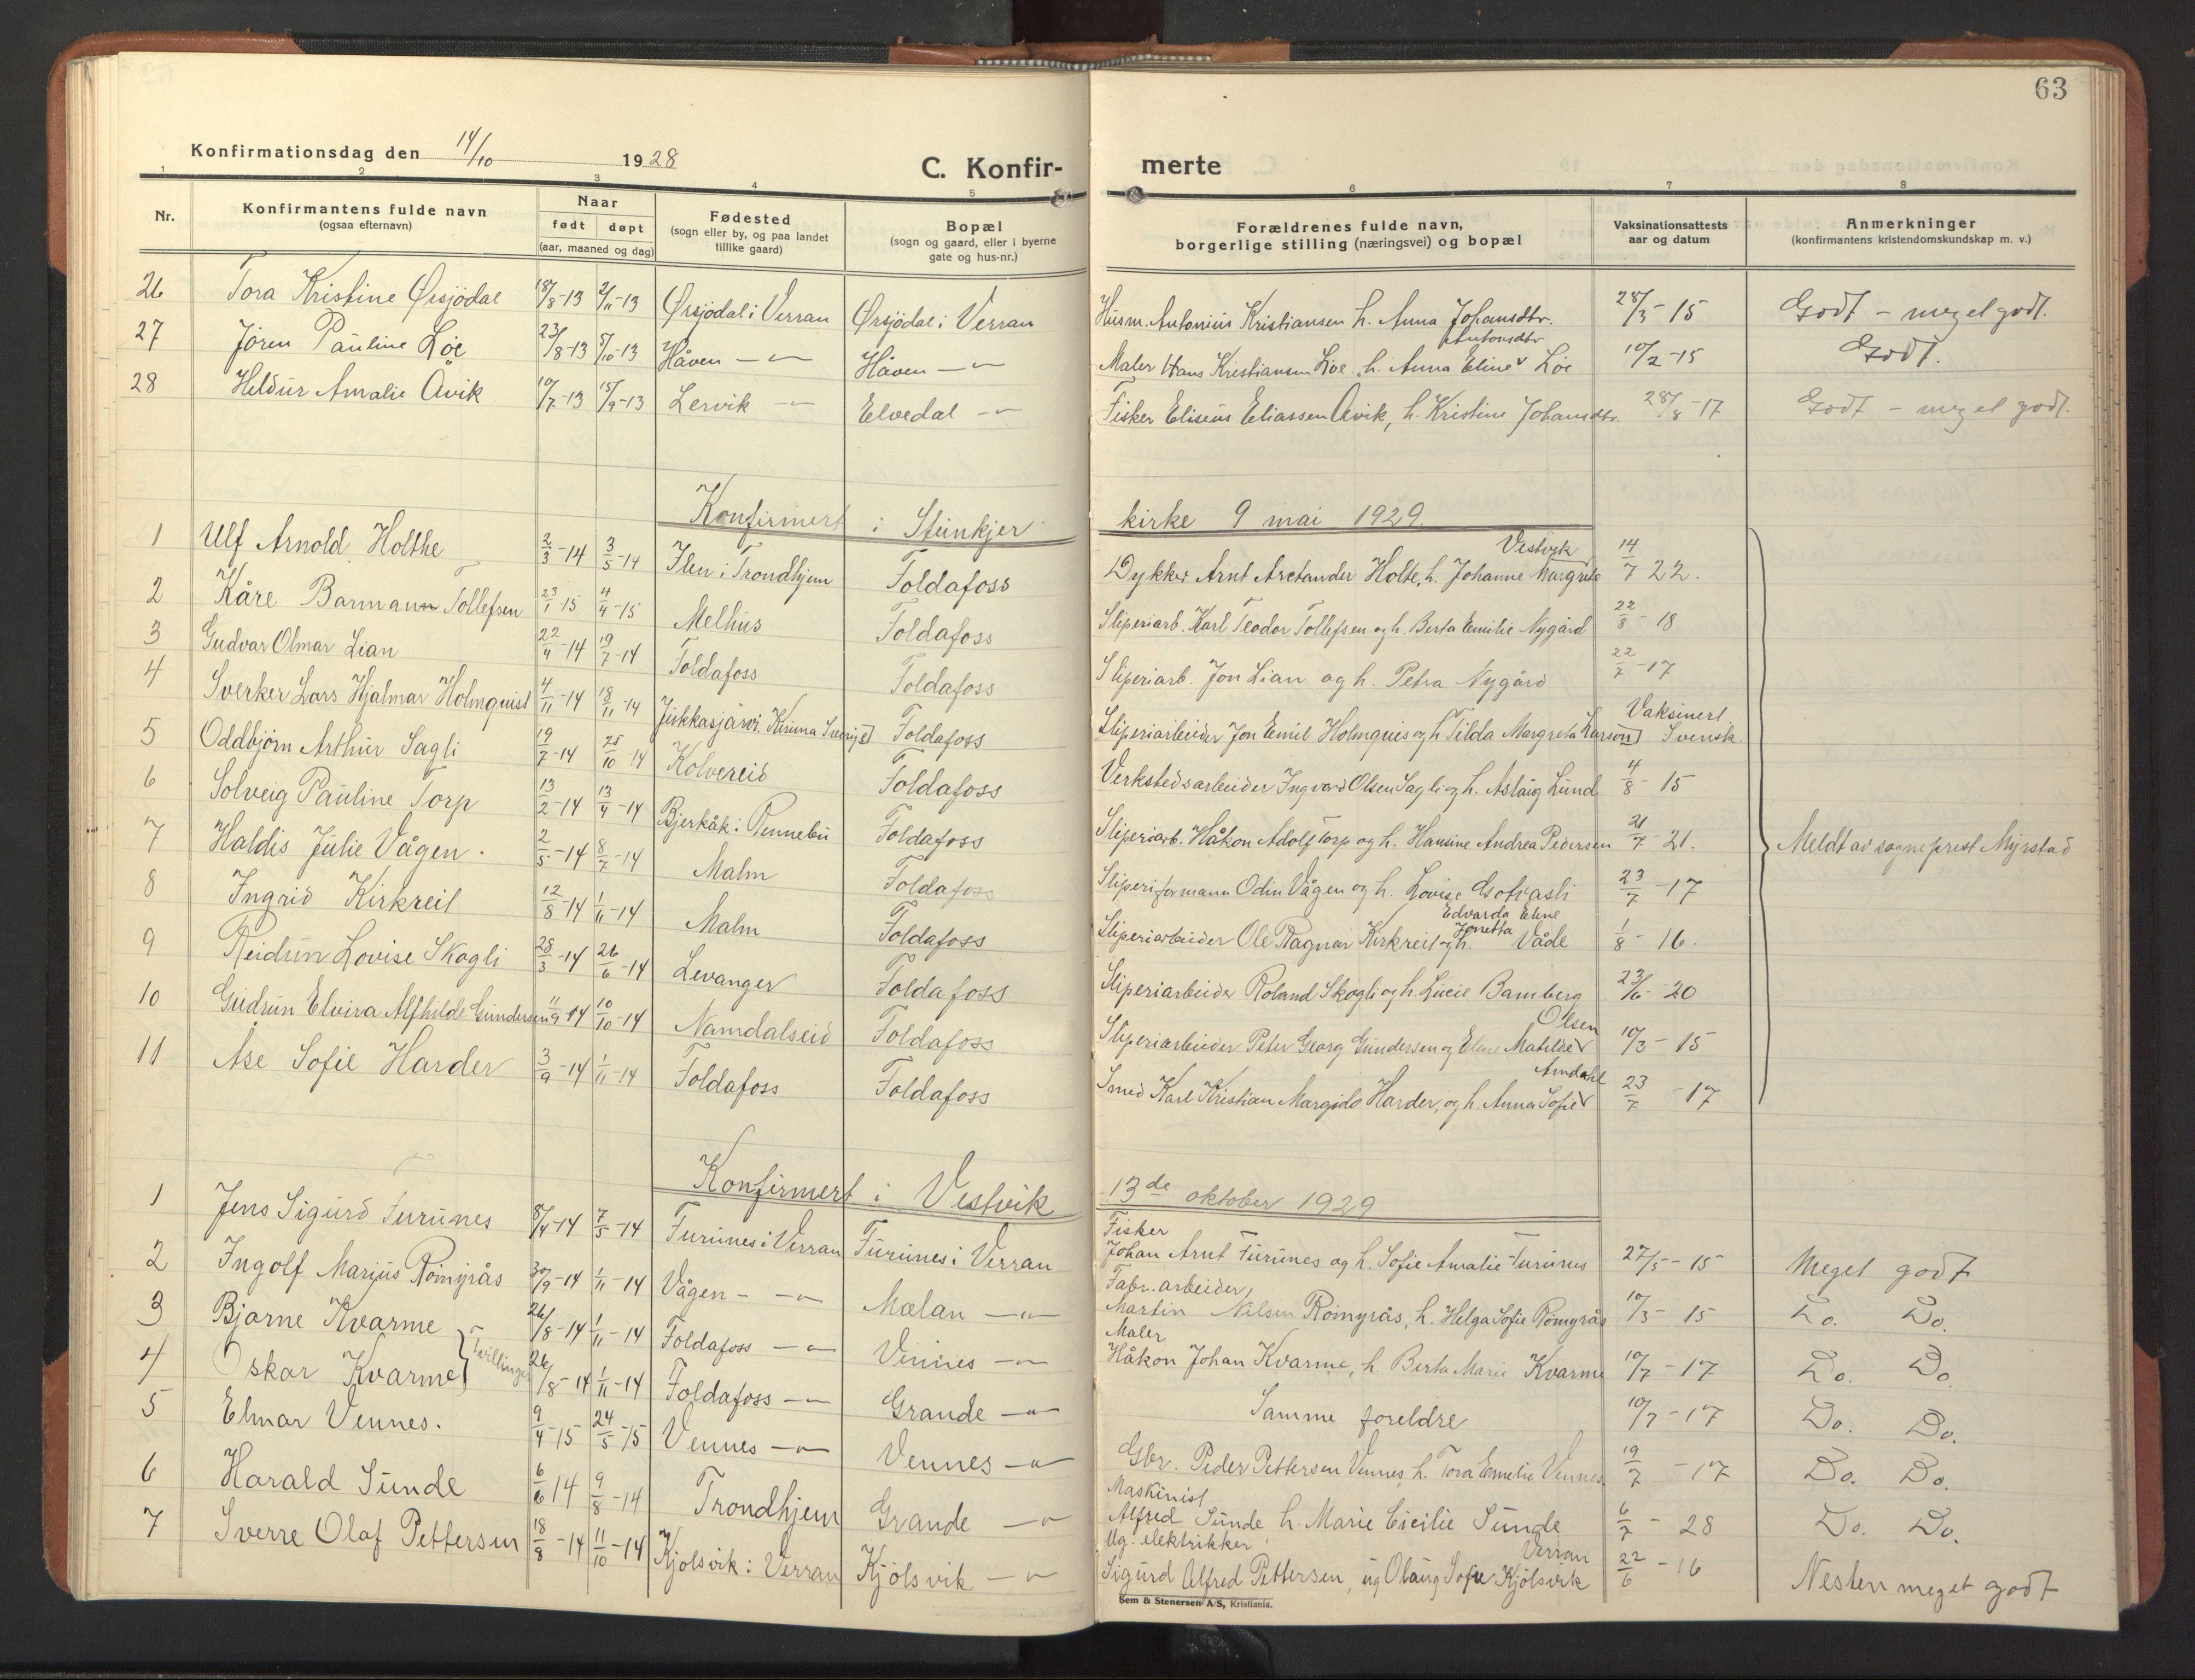 SAT, Ministerialprotokoller, klokkerbøker og fødselsregistre - Nord-Trøndelag, 744/L0425: Klokkerbok nr. 744C04, 1924-1947, s. 63